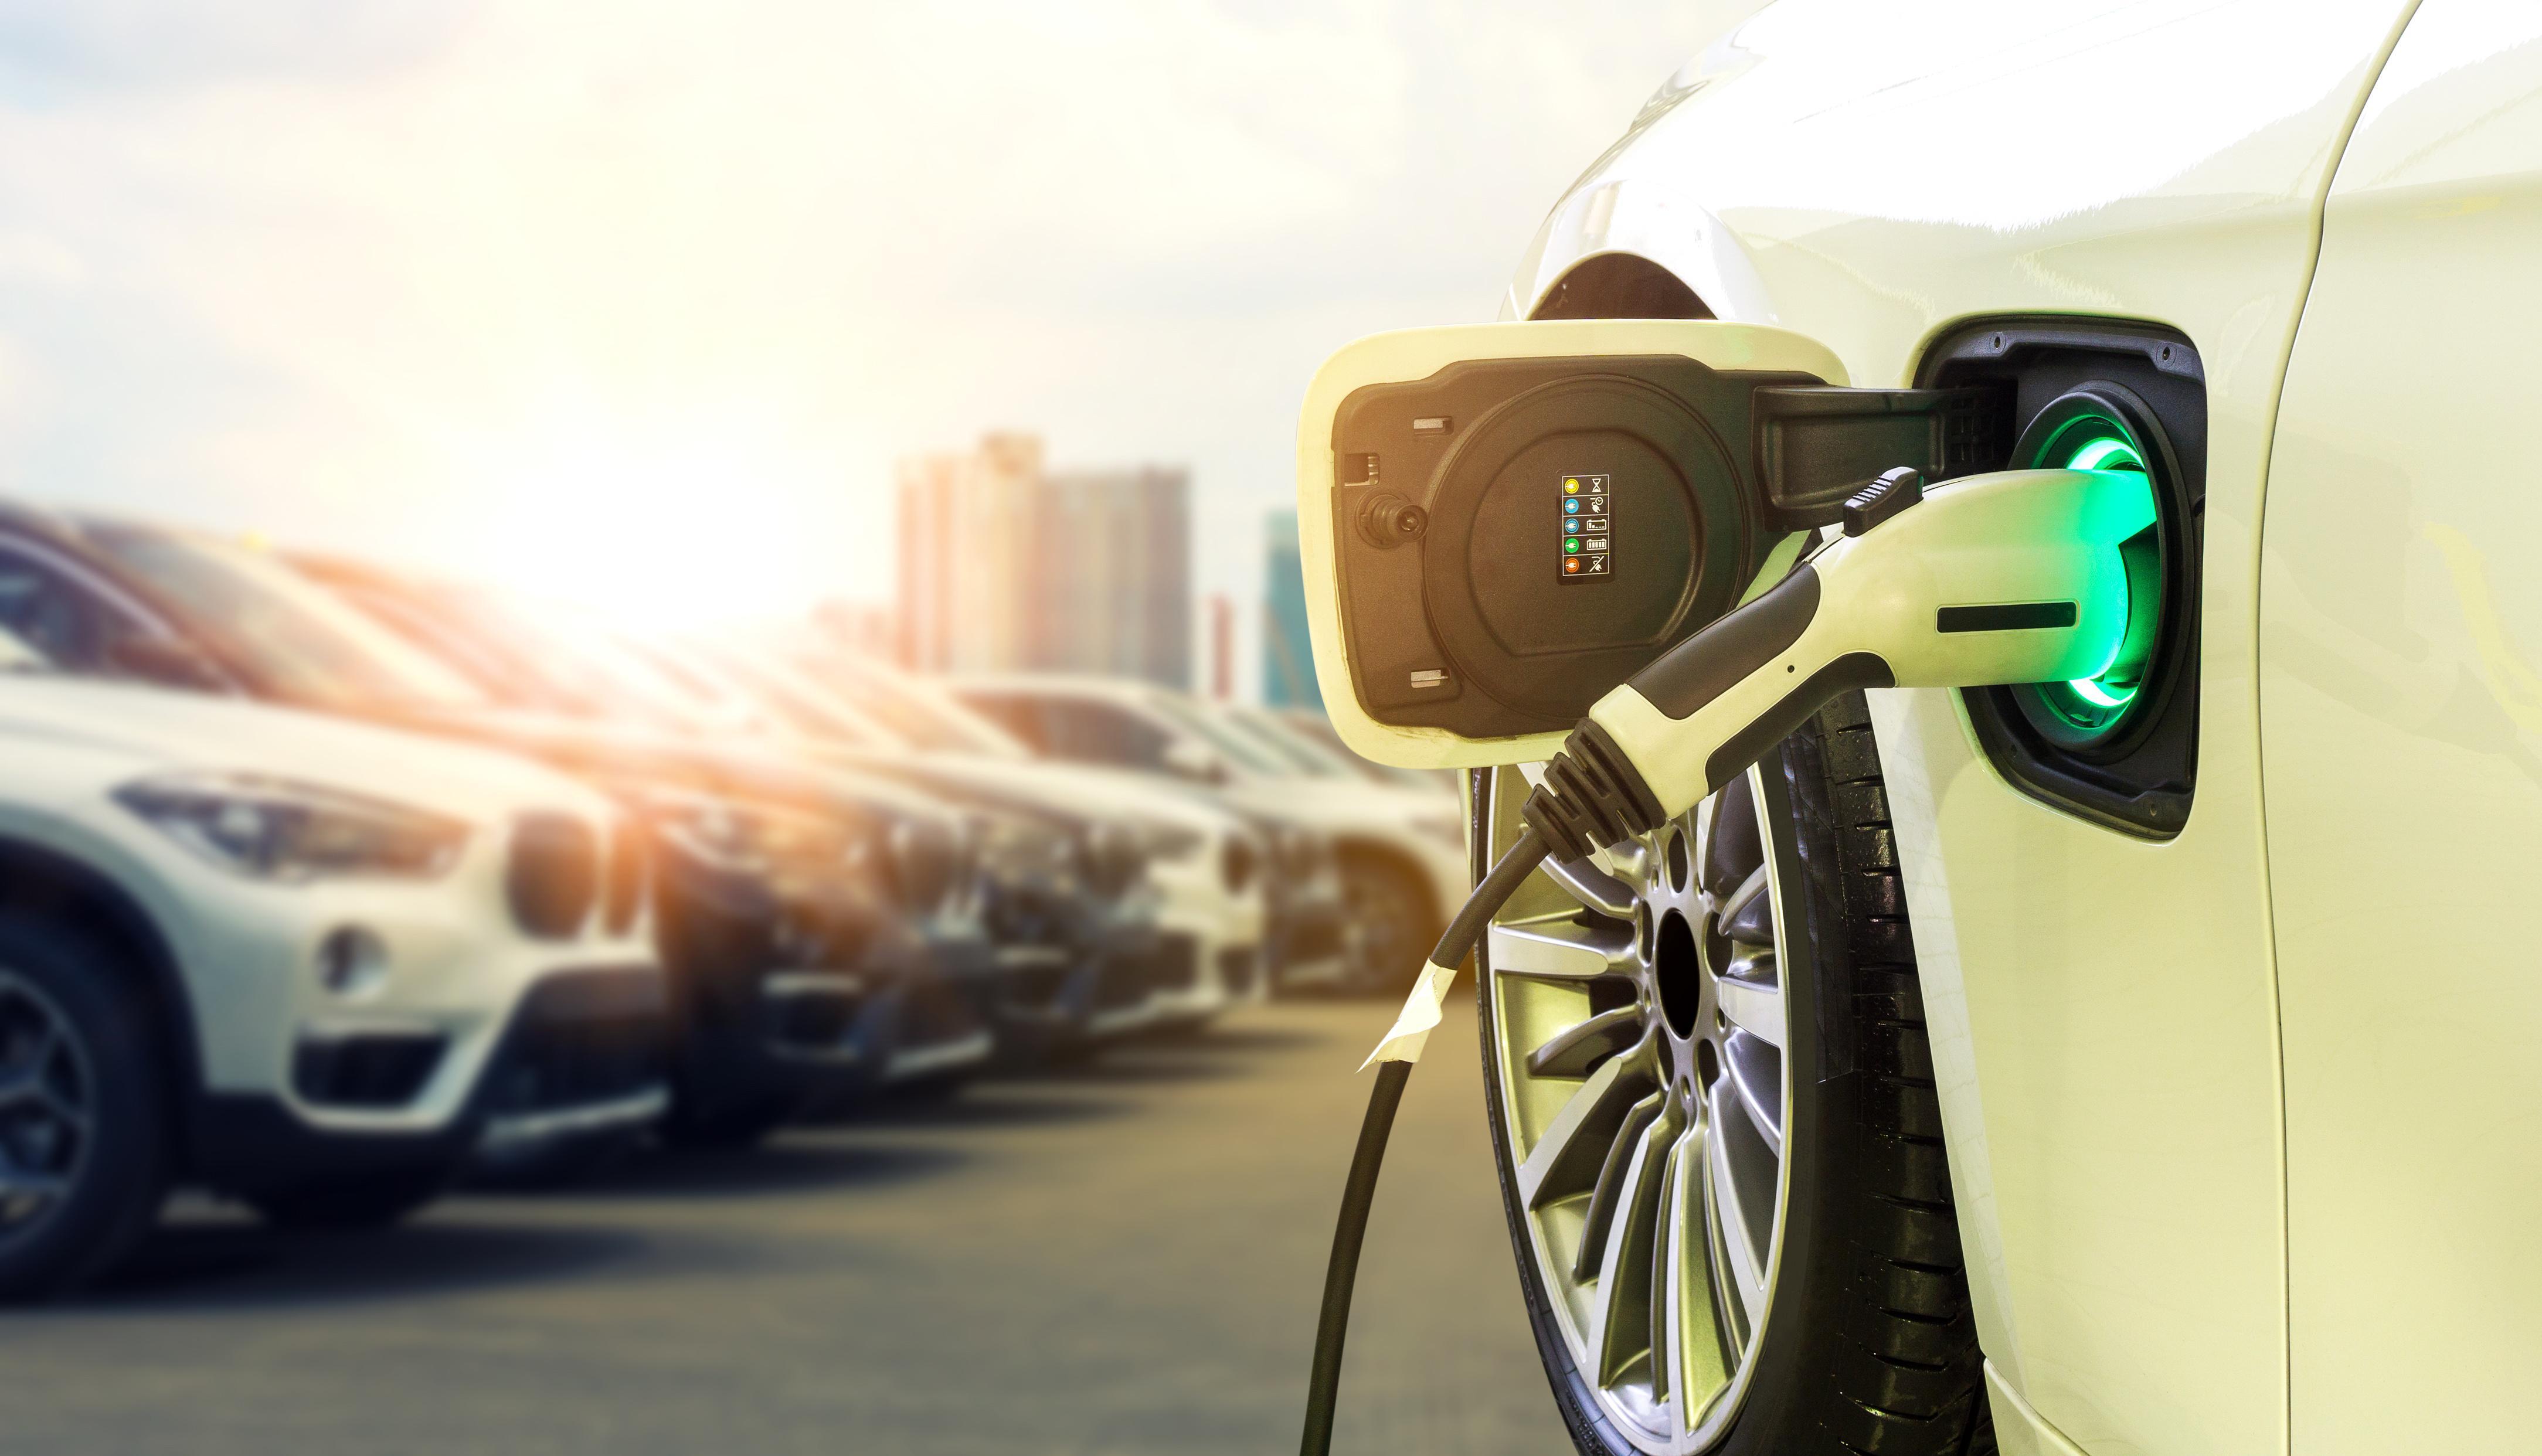 uploads///Chevrolet Bolt versus Tesla Model